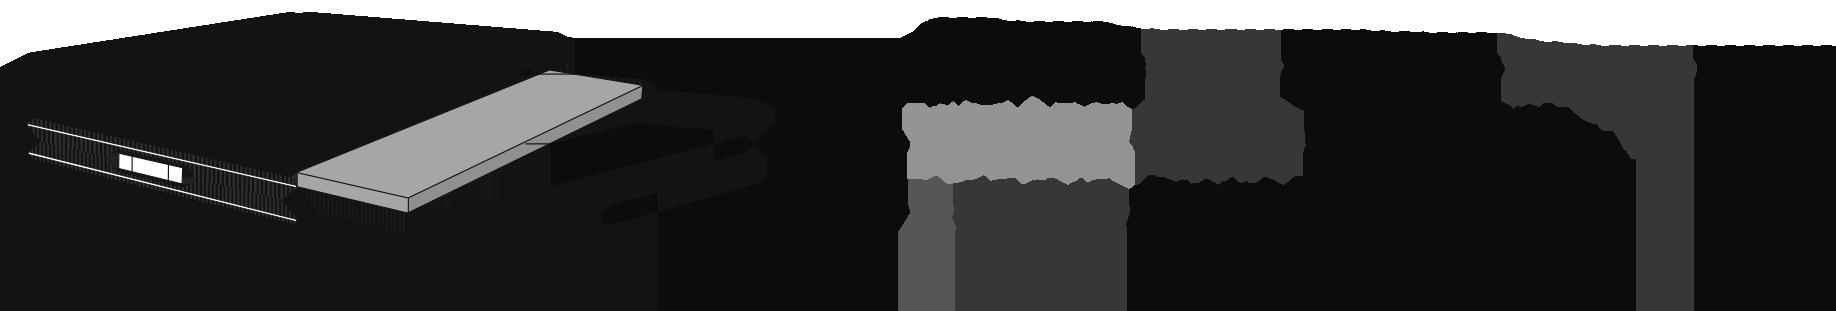 Composition : VISCOGELFOAM 52 kg / m3 (3 cm d'épaisseur) et BFOAM 40 kg / m3 (16 cm d'épaisseur)